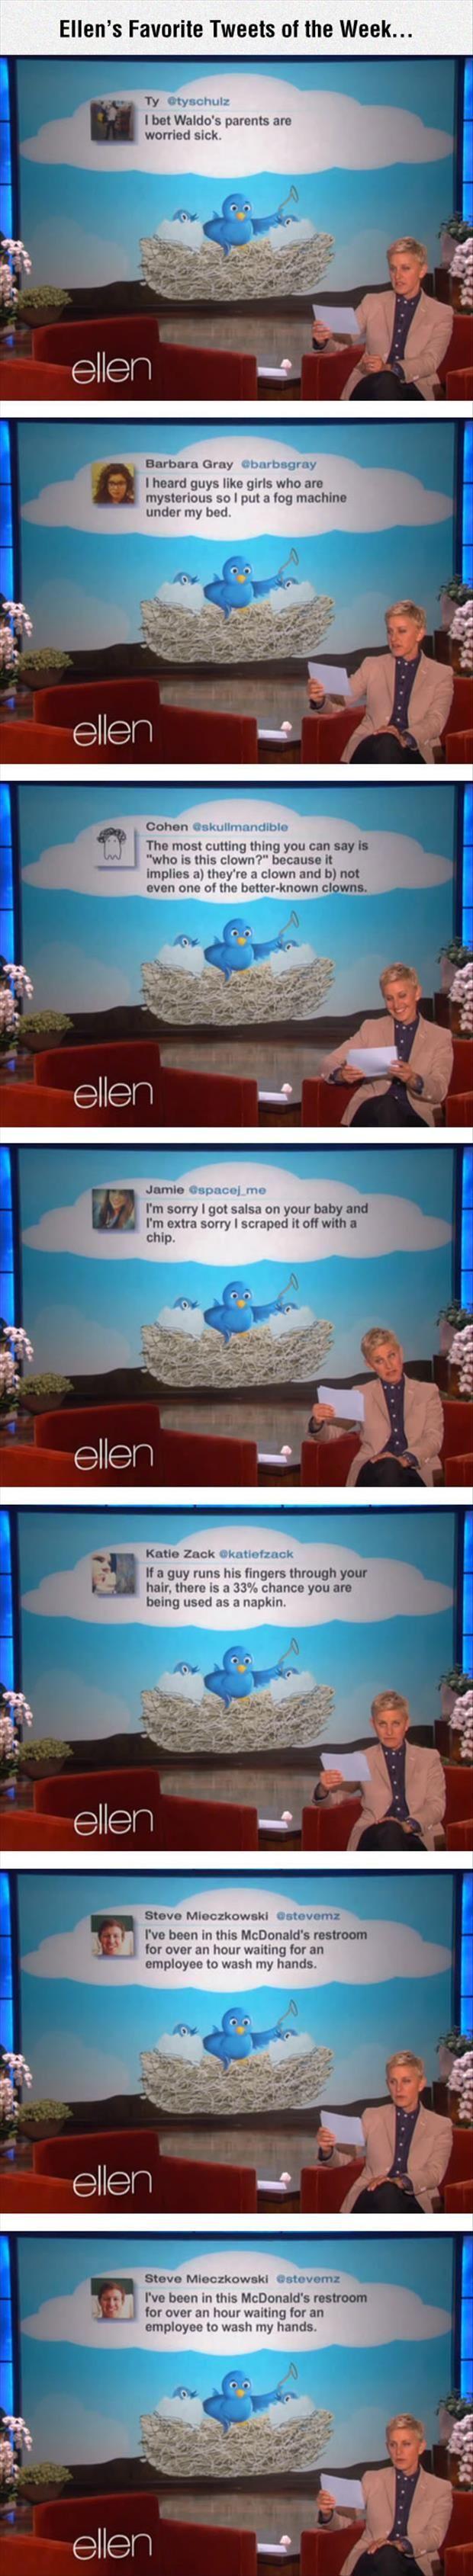 Ellen Tweets